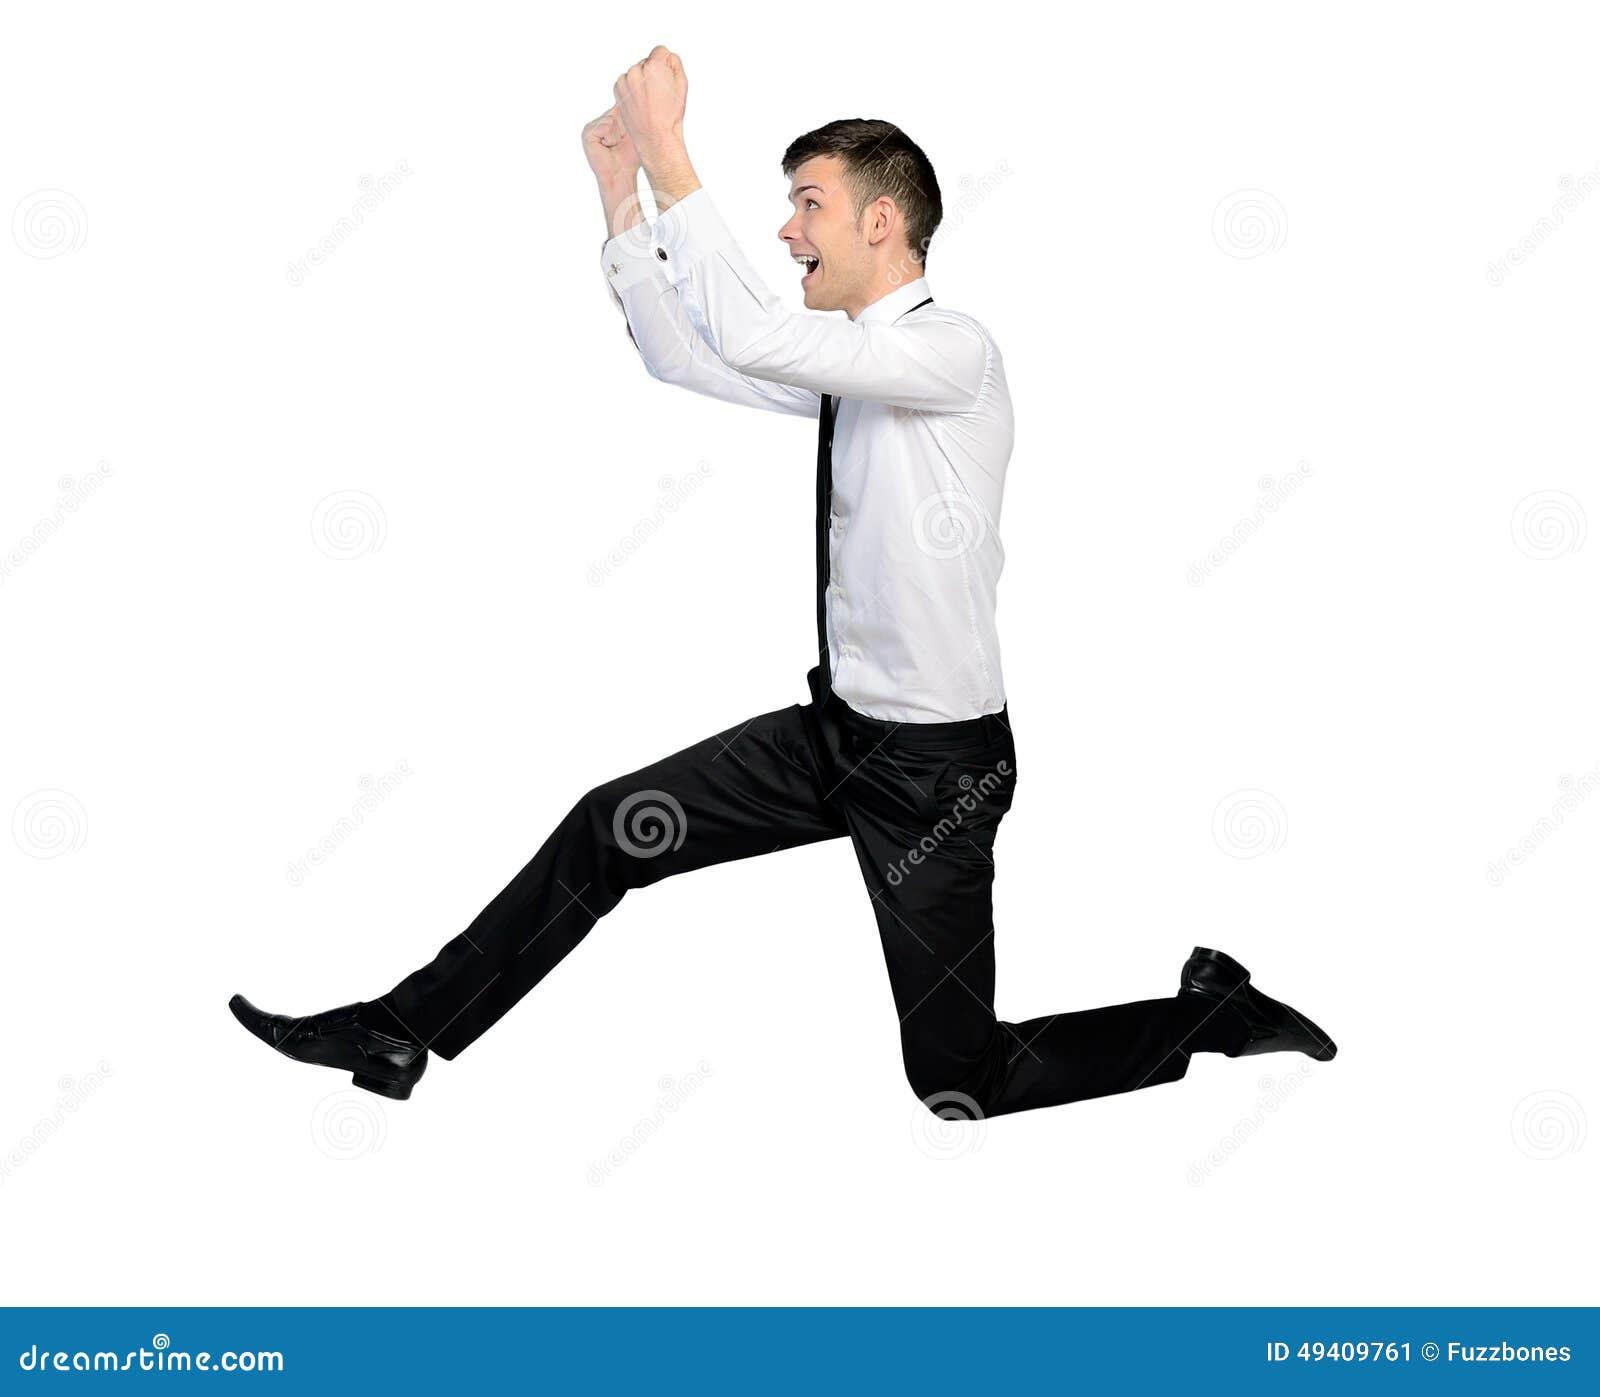 Download Geschäftsmann springen stockbild. Bild von konkurrenz - 49409761